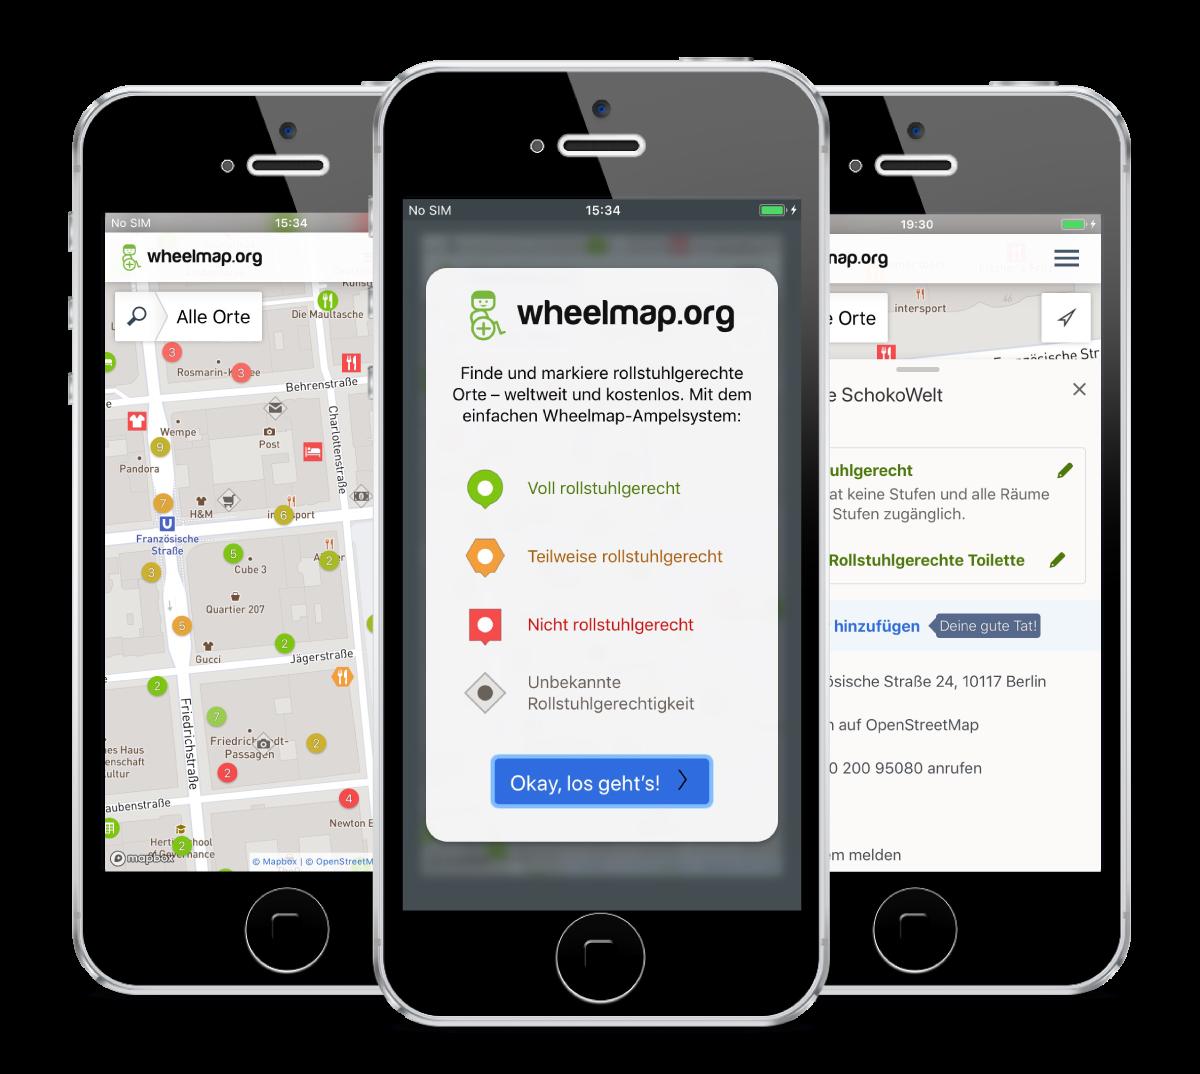 Smartphones, die auf dem Screen drei verschiedene Ansichten der neuen Wheelmap app zeigen